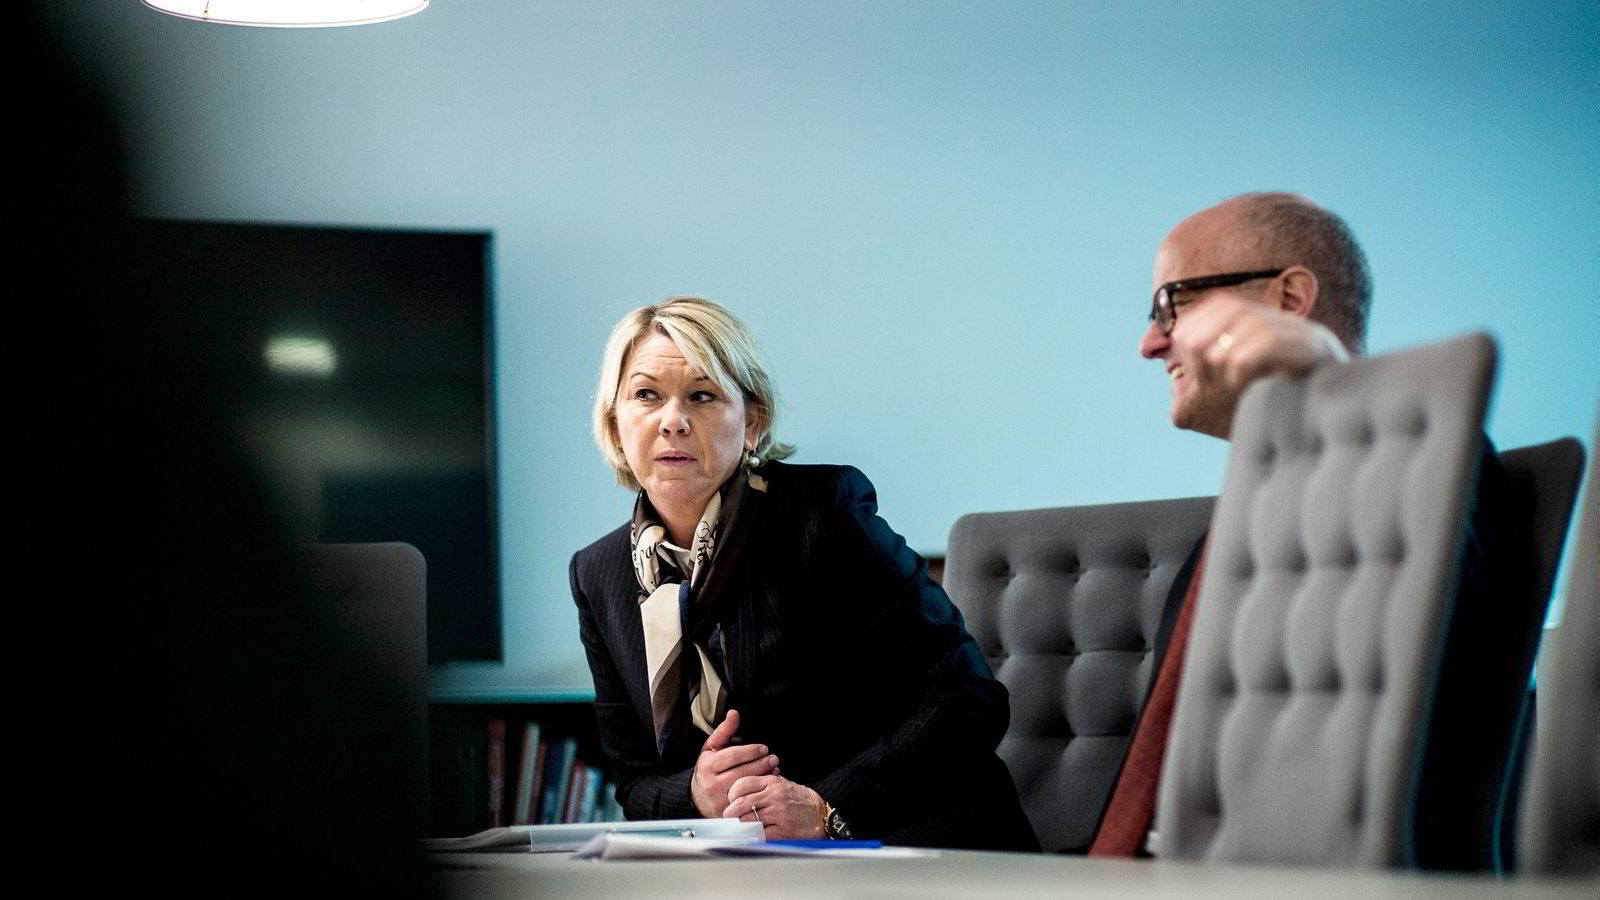 Næringsminister Monica Mæland (H) vil ha en ny redegjørelse fra Hydro. Her er hun sammen med klima- og miljøminister Vidar Helgesen (H).